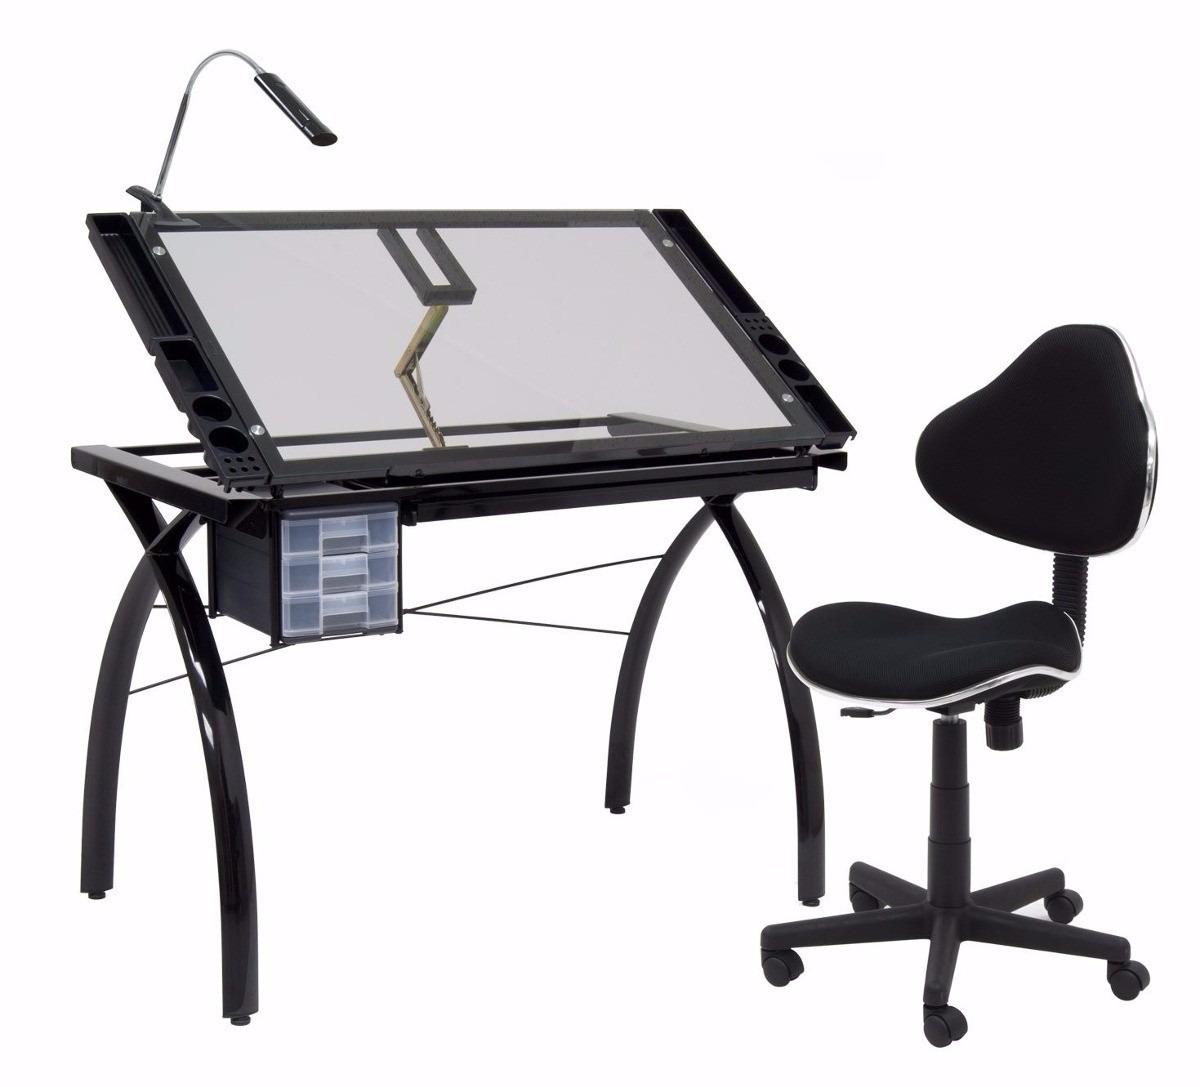 Tabla mesa trabajo restirador dibujo con cajonera 97 x 61 - Mesa dibujo ikea ...